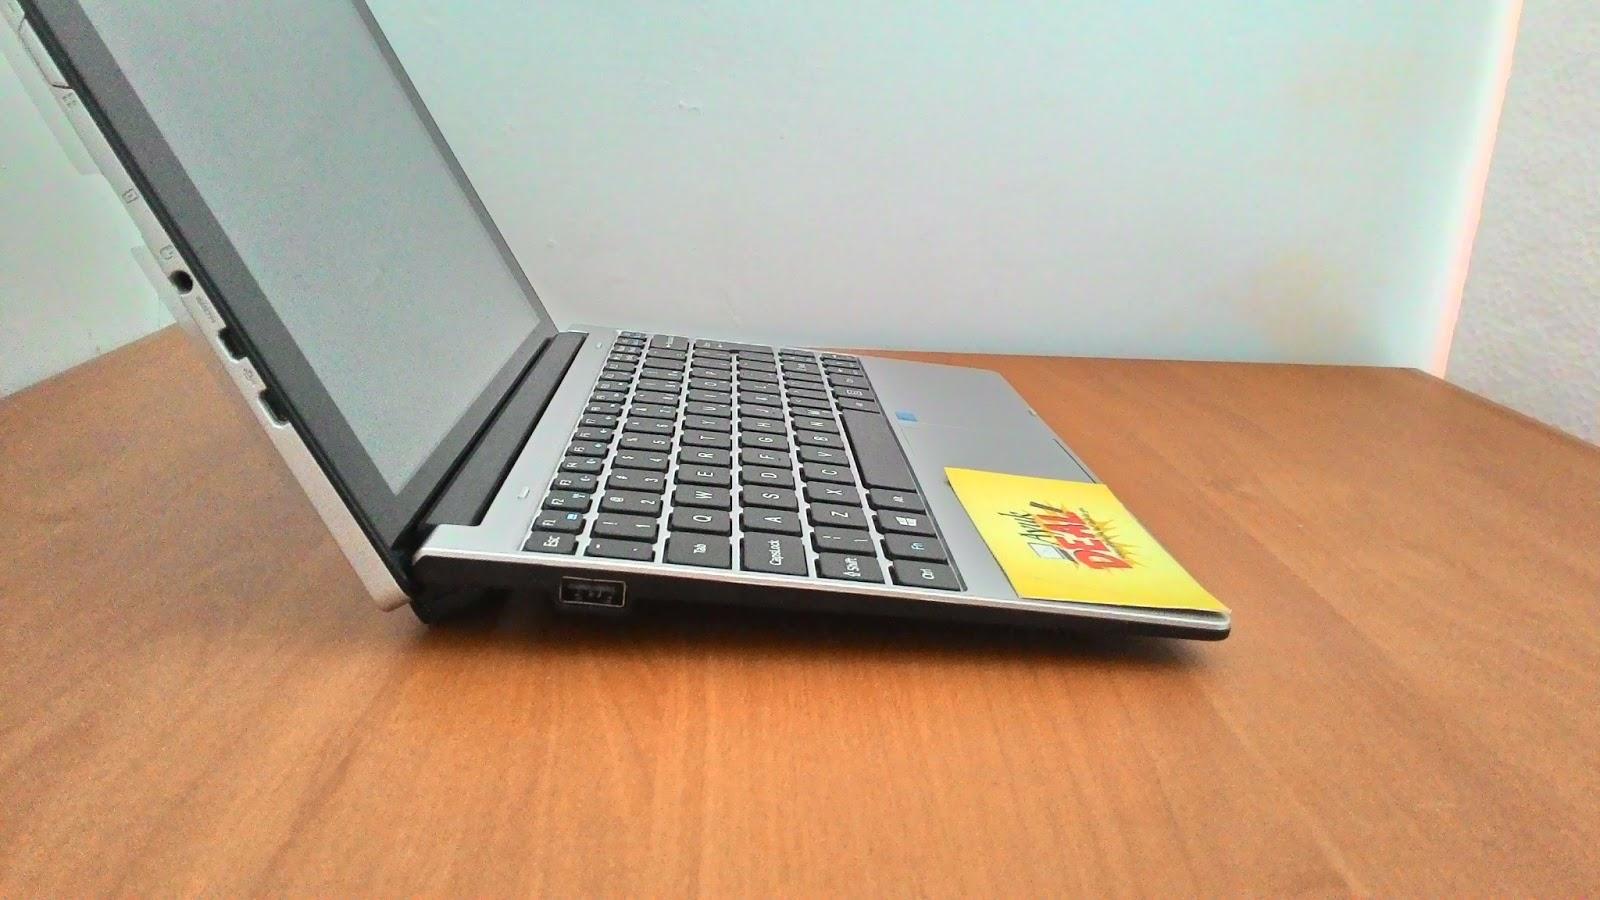 Teknologi Terdepan di Balik Kualitas Acer One 10